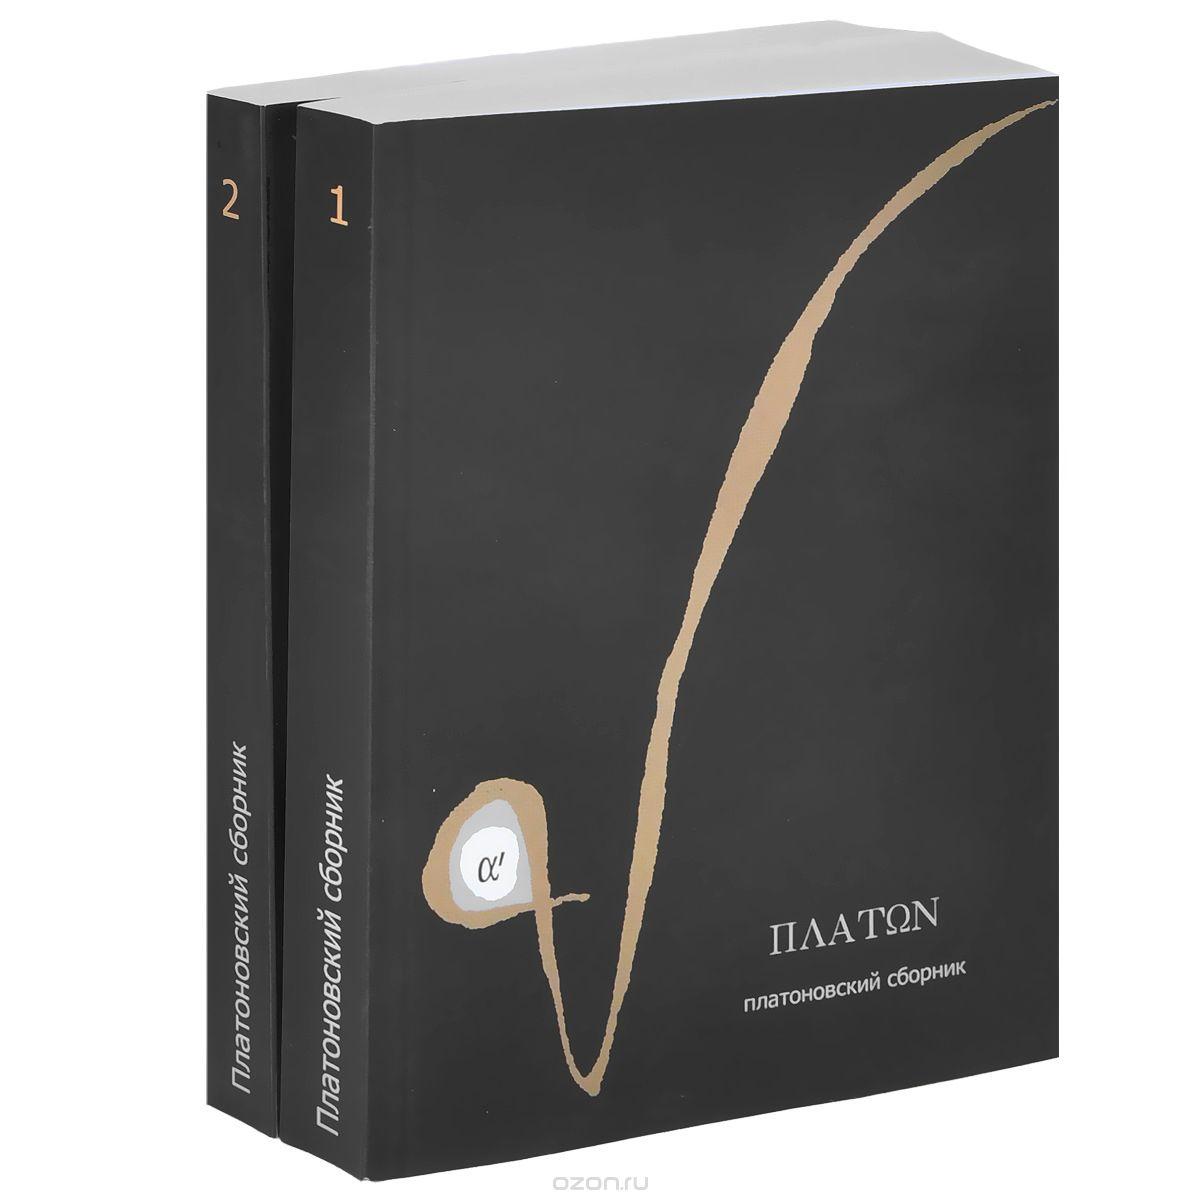 Платоновский сборник